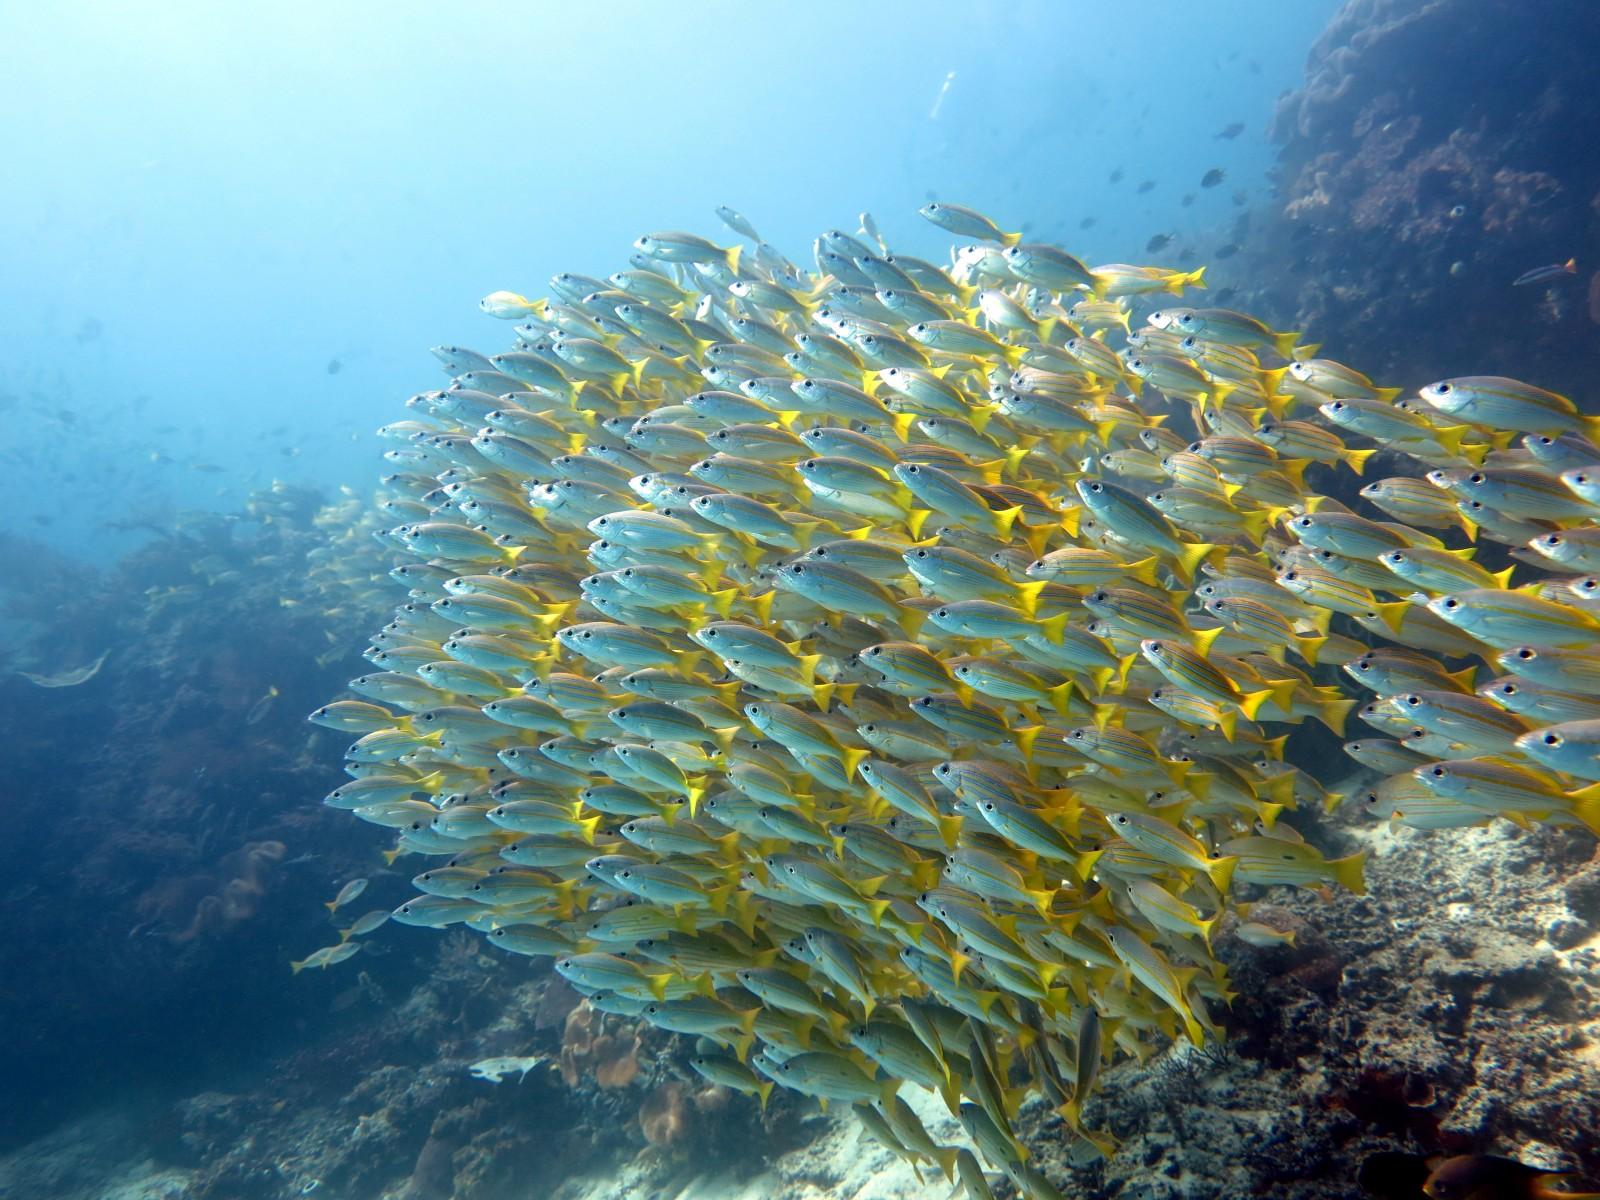 Dampier Strait reef fish